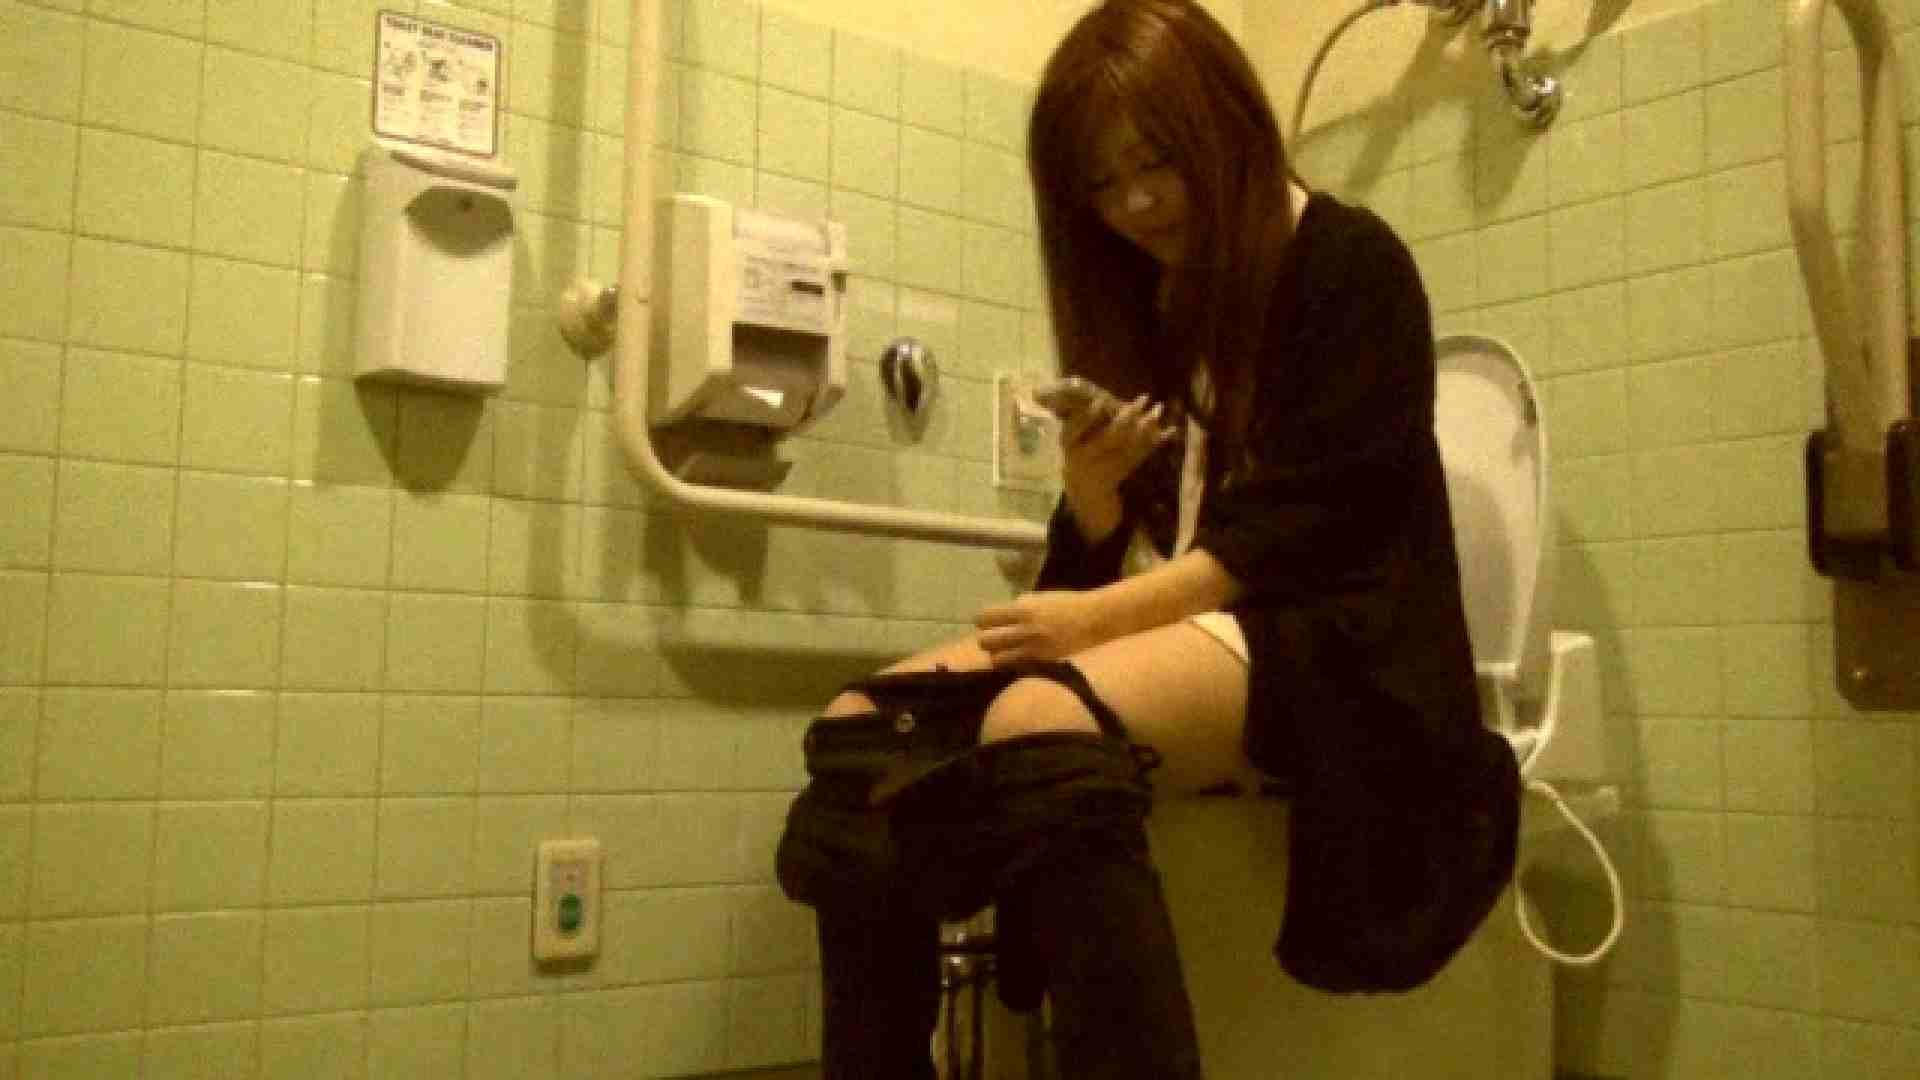 魔術師の お・も・て・な・し vol.26 19歳のバーの店員さんの洗面所をしばし… 洗面所  60枚 32